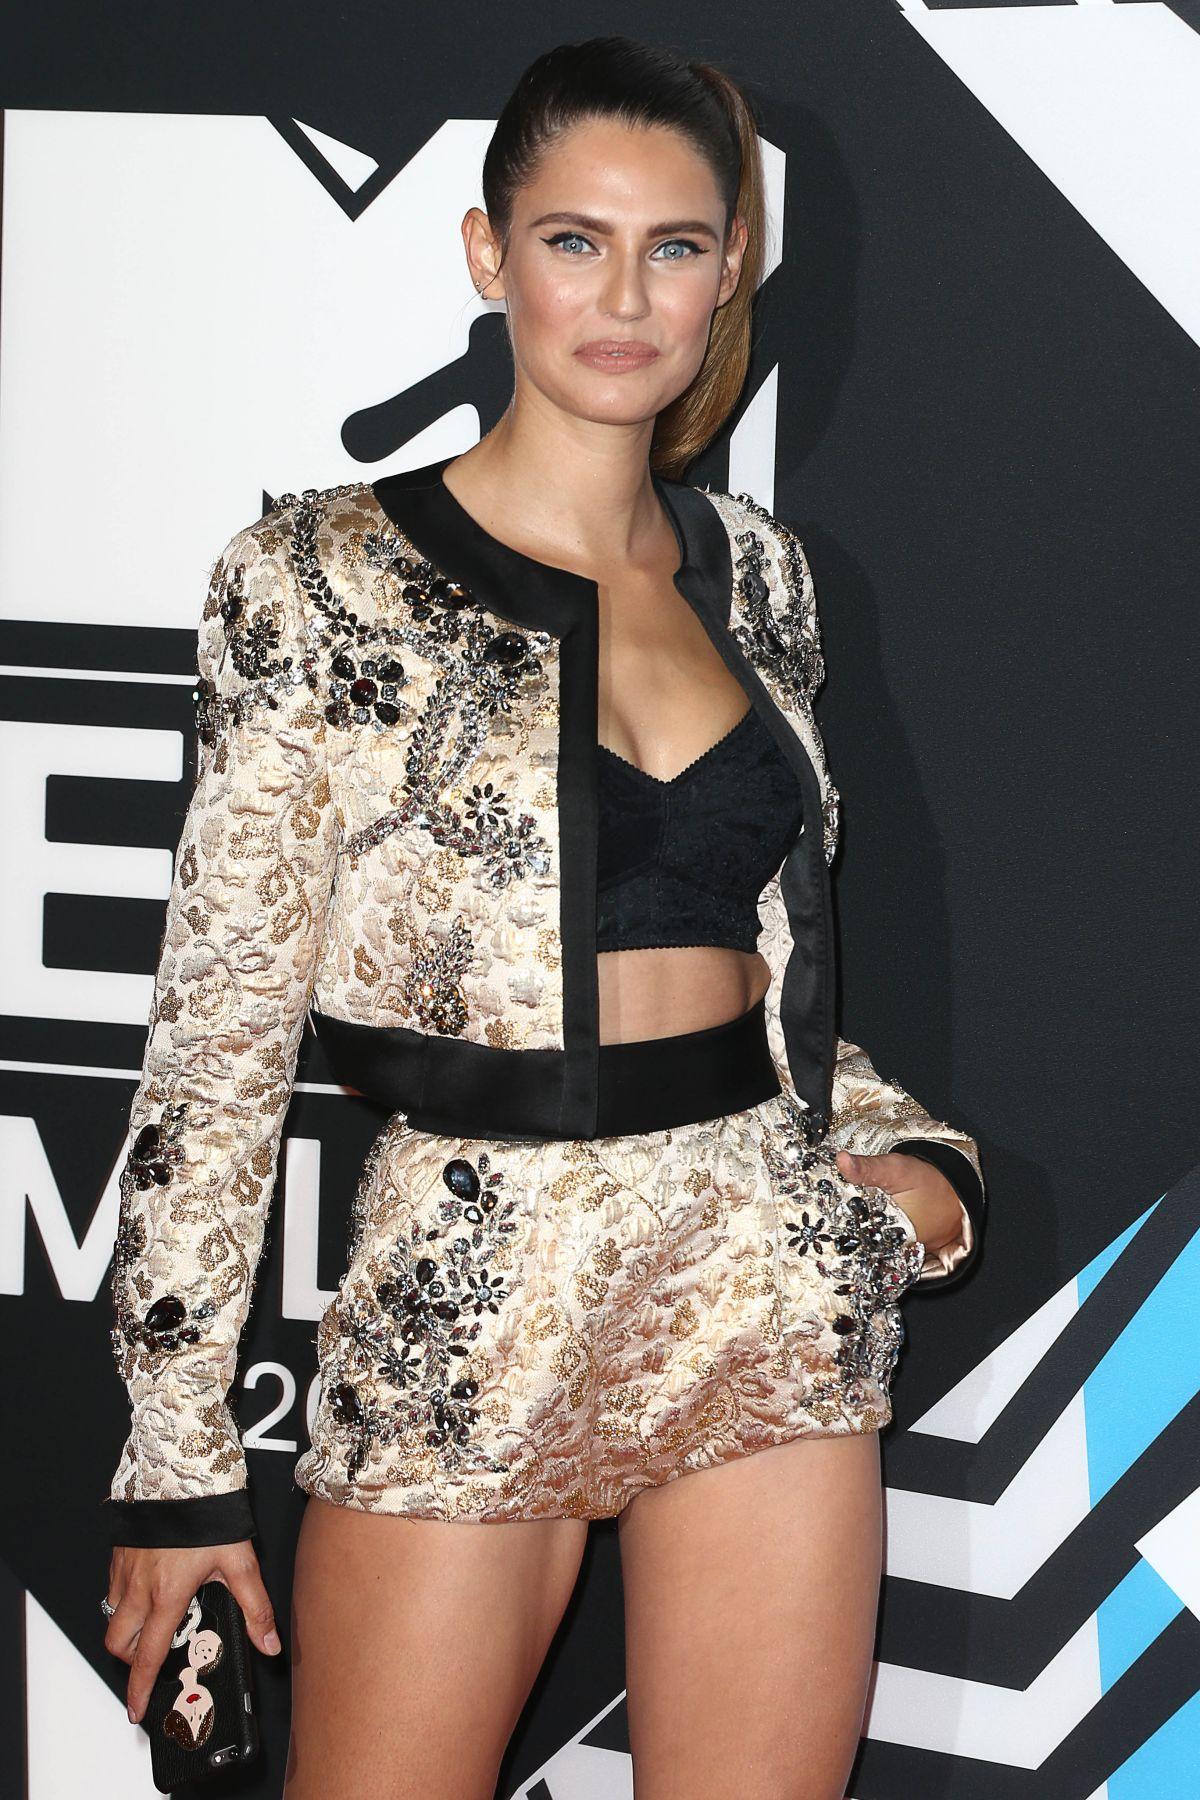 BIANCA BALTI at MTV European Music Awards 2015 in Milan 10/25/2005